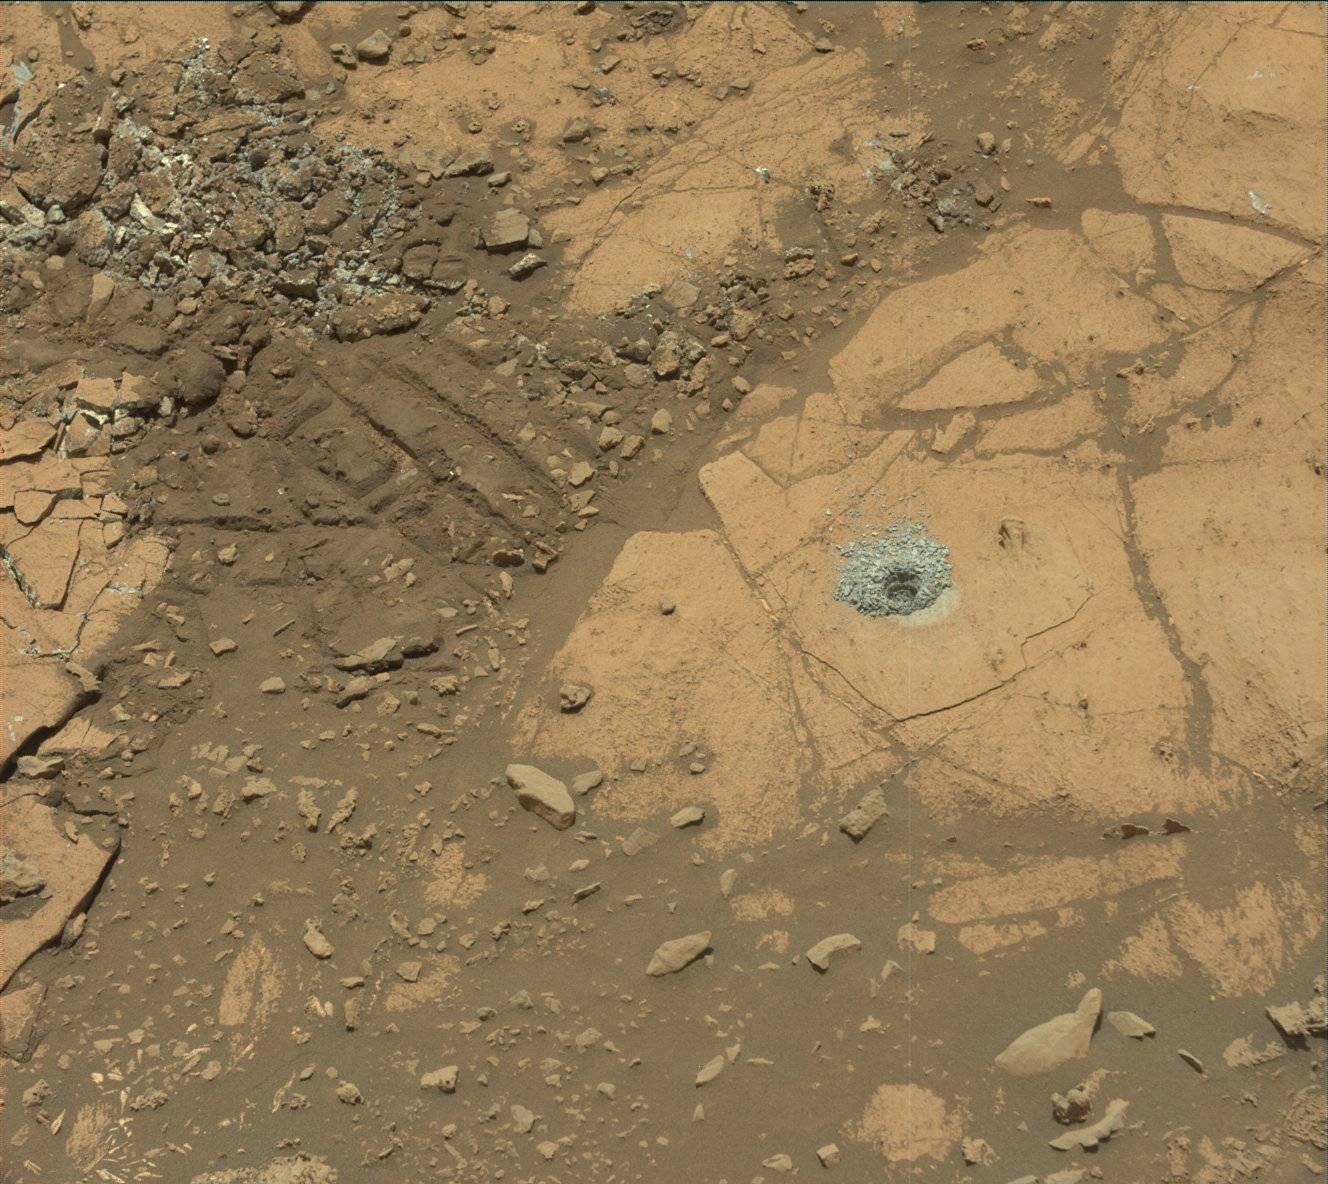 MARS: CURIOSITY u krateru  GALE Vol II. - Page 17 2668ML0139910021002331E01_DXXX